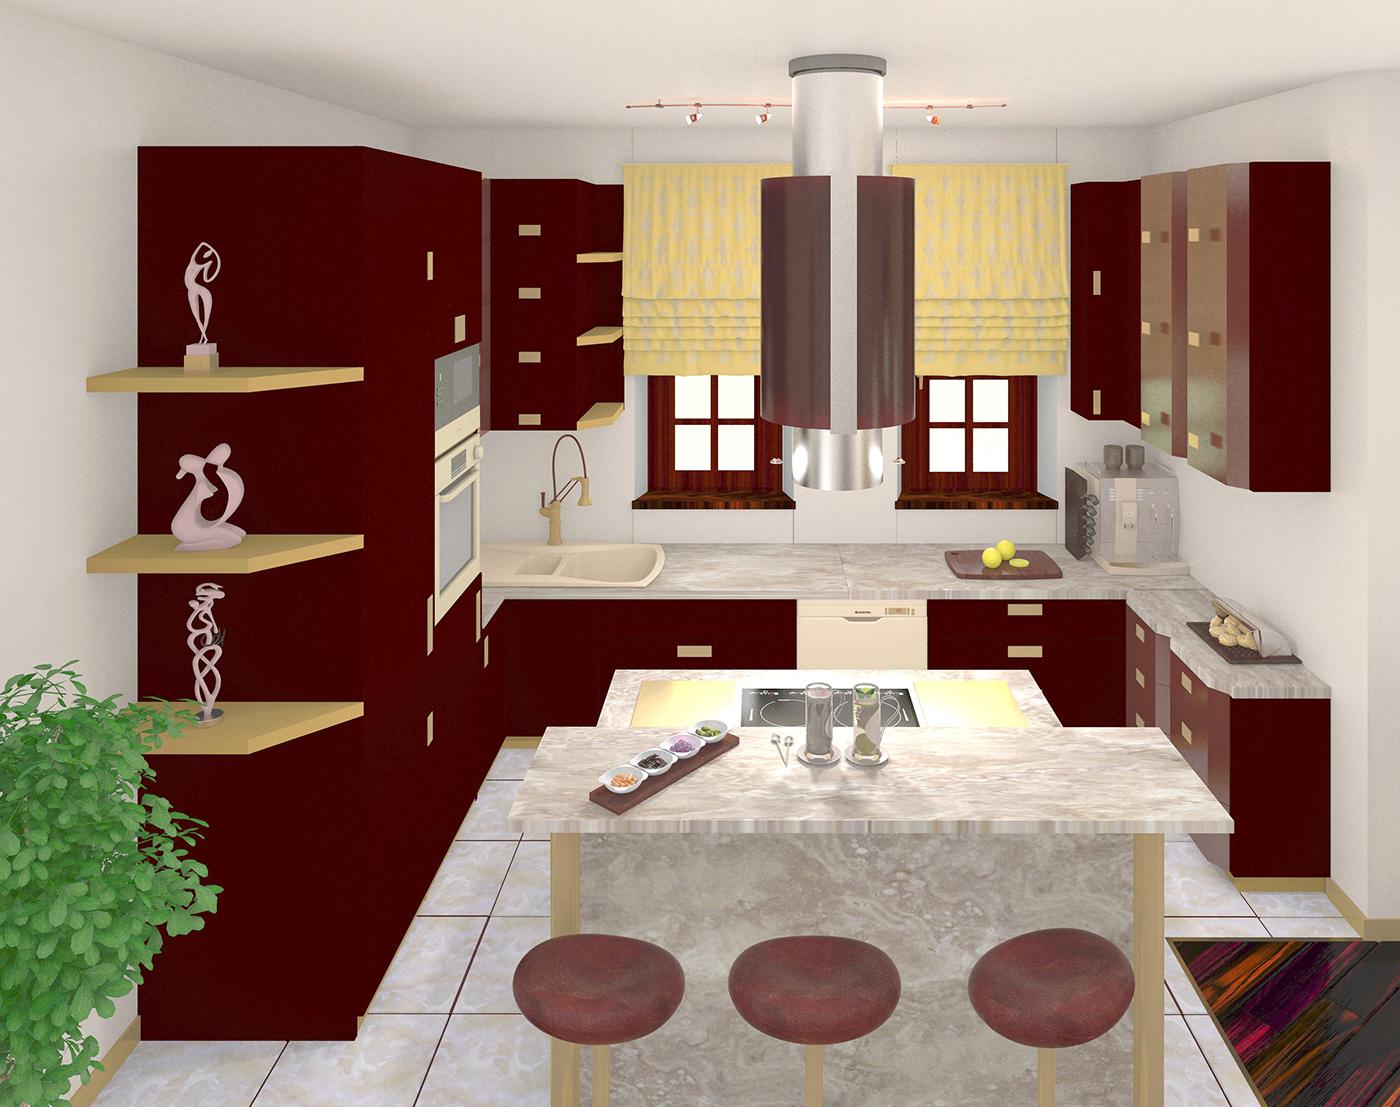 design Design of interior design studio designer Interior interior design